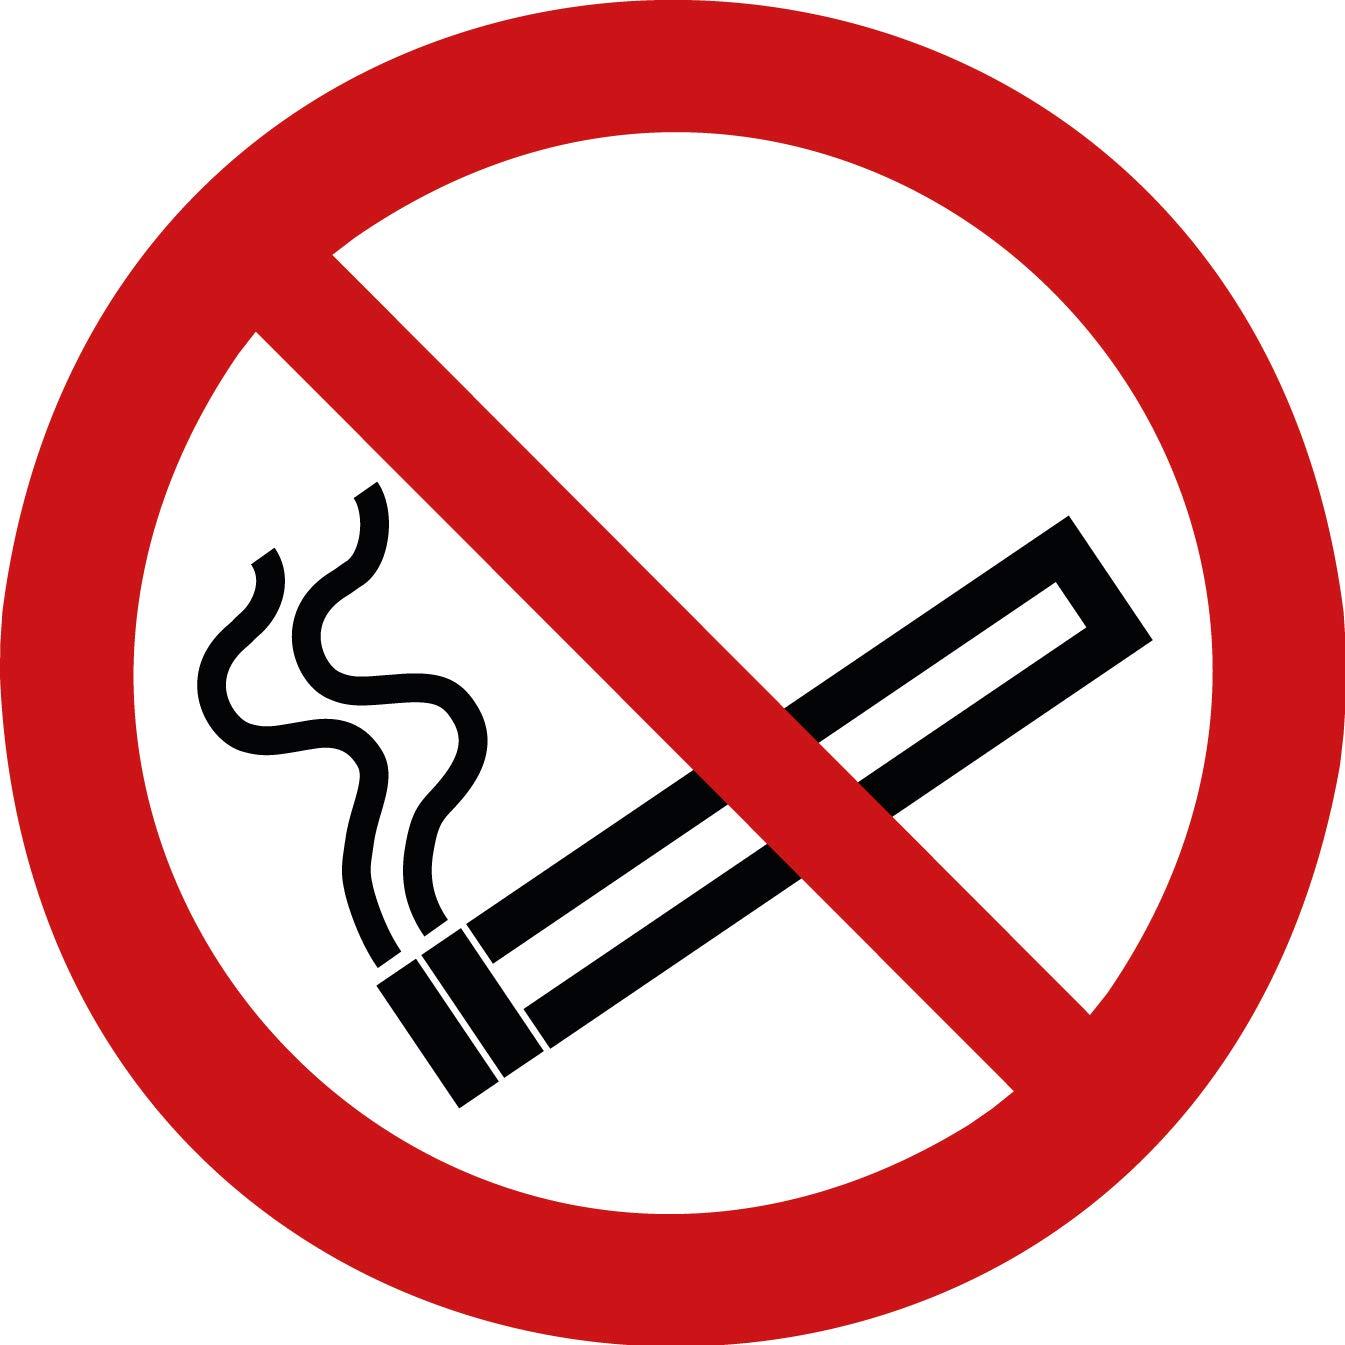 15 Rauchen verboten Aufkleber Rauchen verboten (15 Stü ck), 95 mm Durchmesser - Rauchverbot Aufkleber, Rauchen verboten Schild ü berkleben - Nichtraucher P002 - Rauchen-verboten VANER